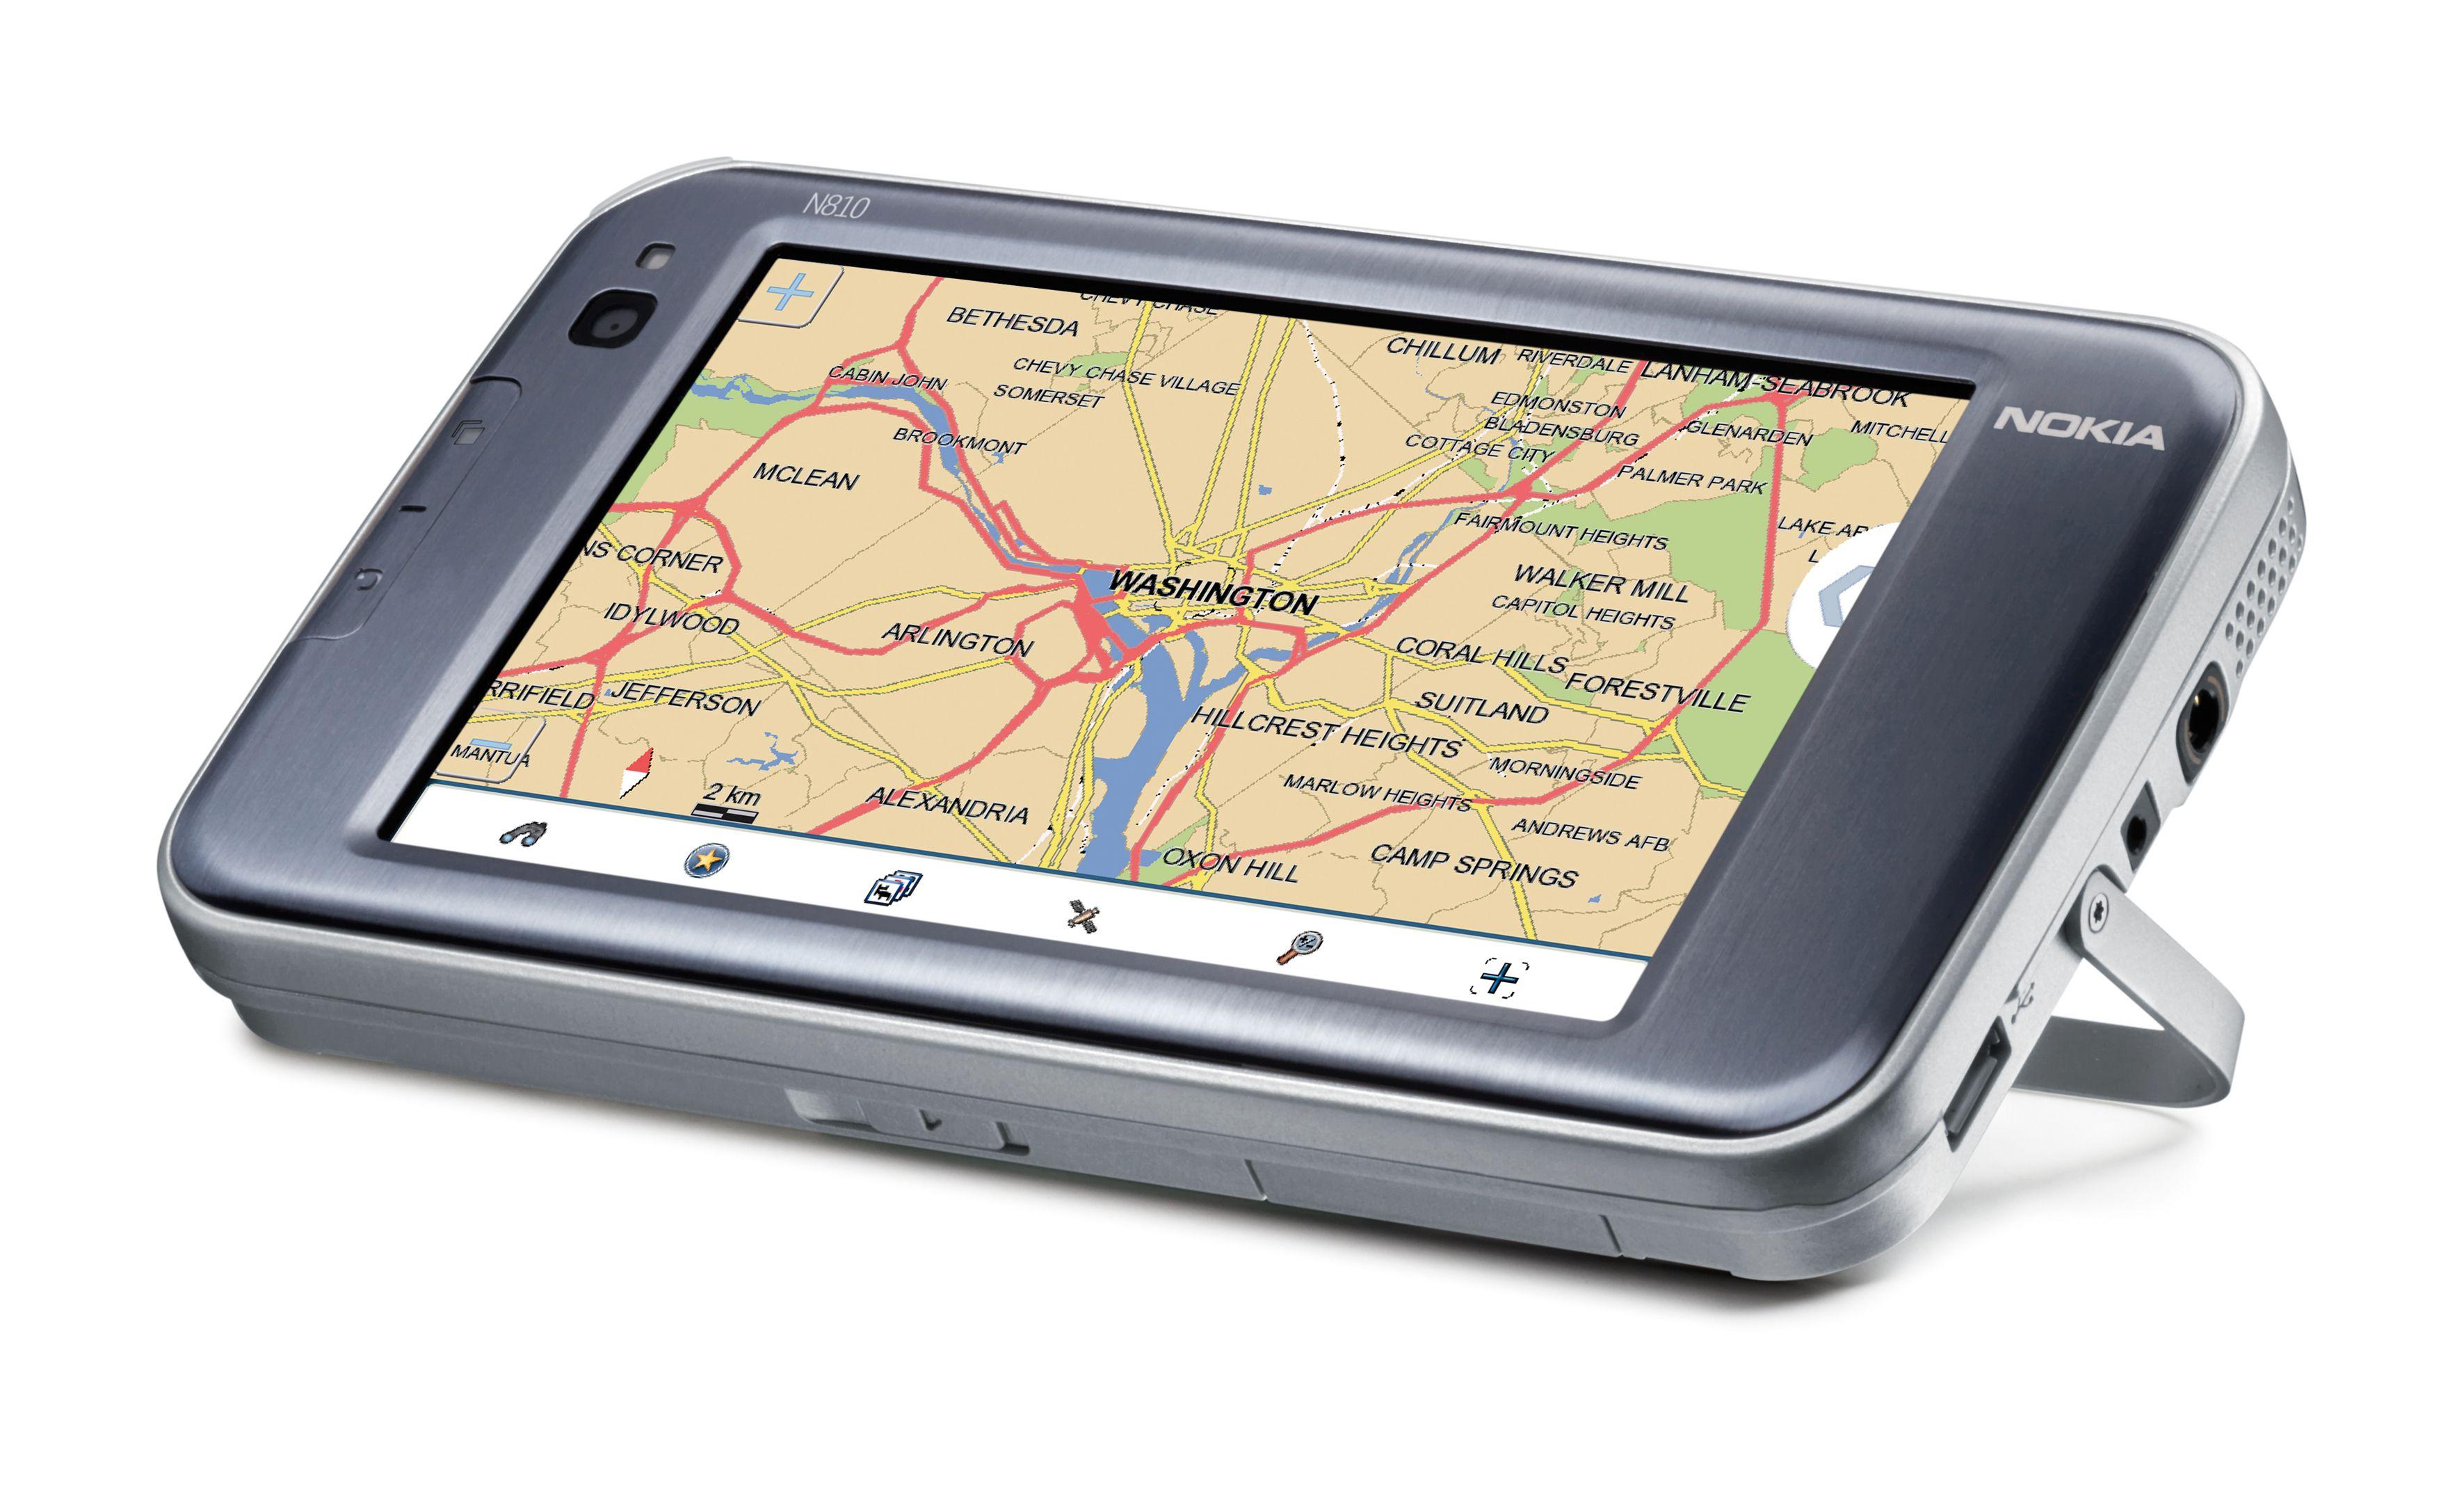 N810 kan plassere deg på et kart ved hjelp av den innebygde GPS-en.